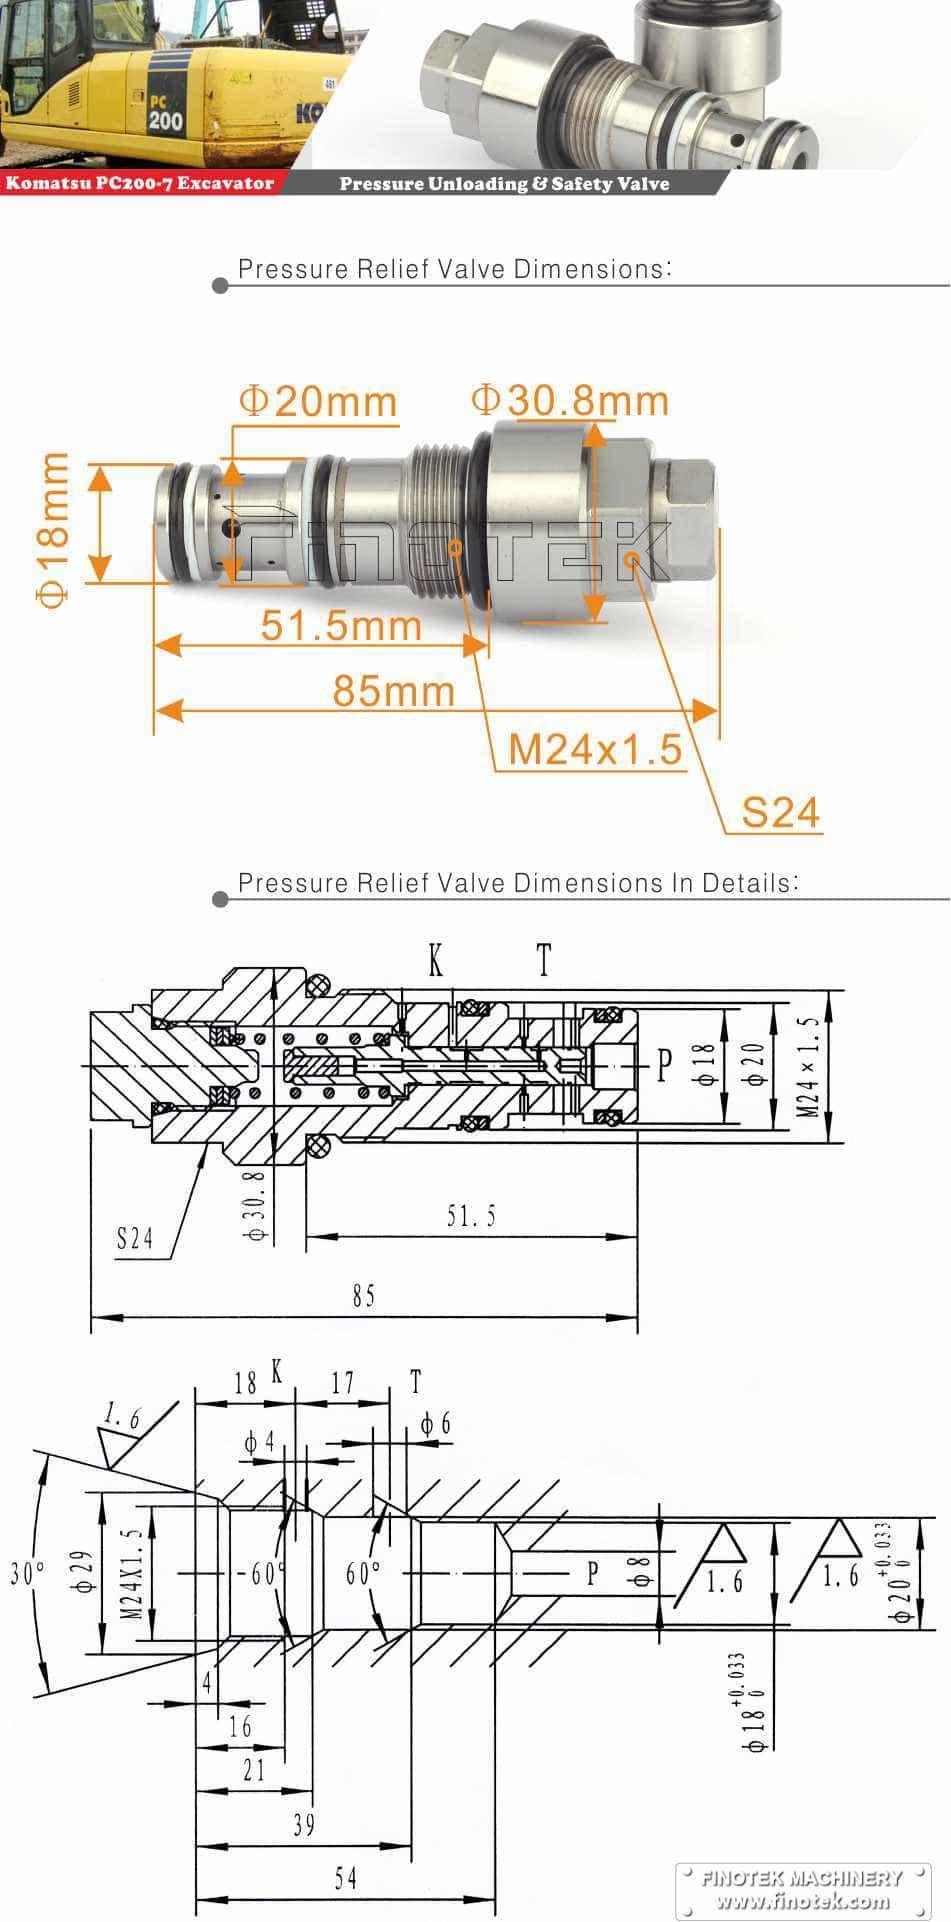 Komatsu PC200-7 / 8 экскаватора предохранительный клапан, предохранительный клапан давления